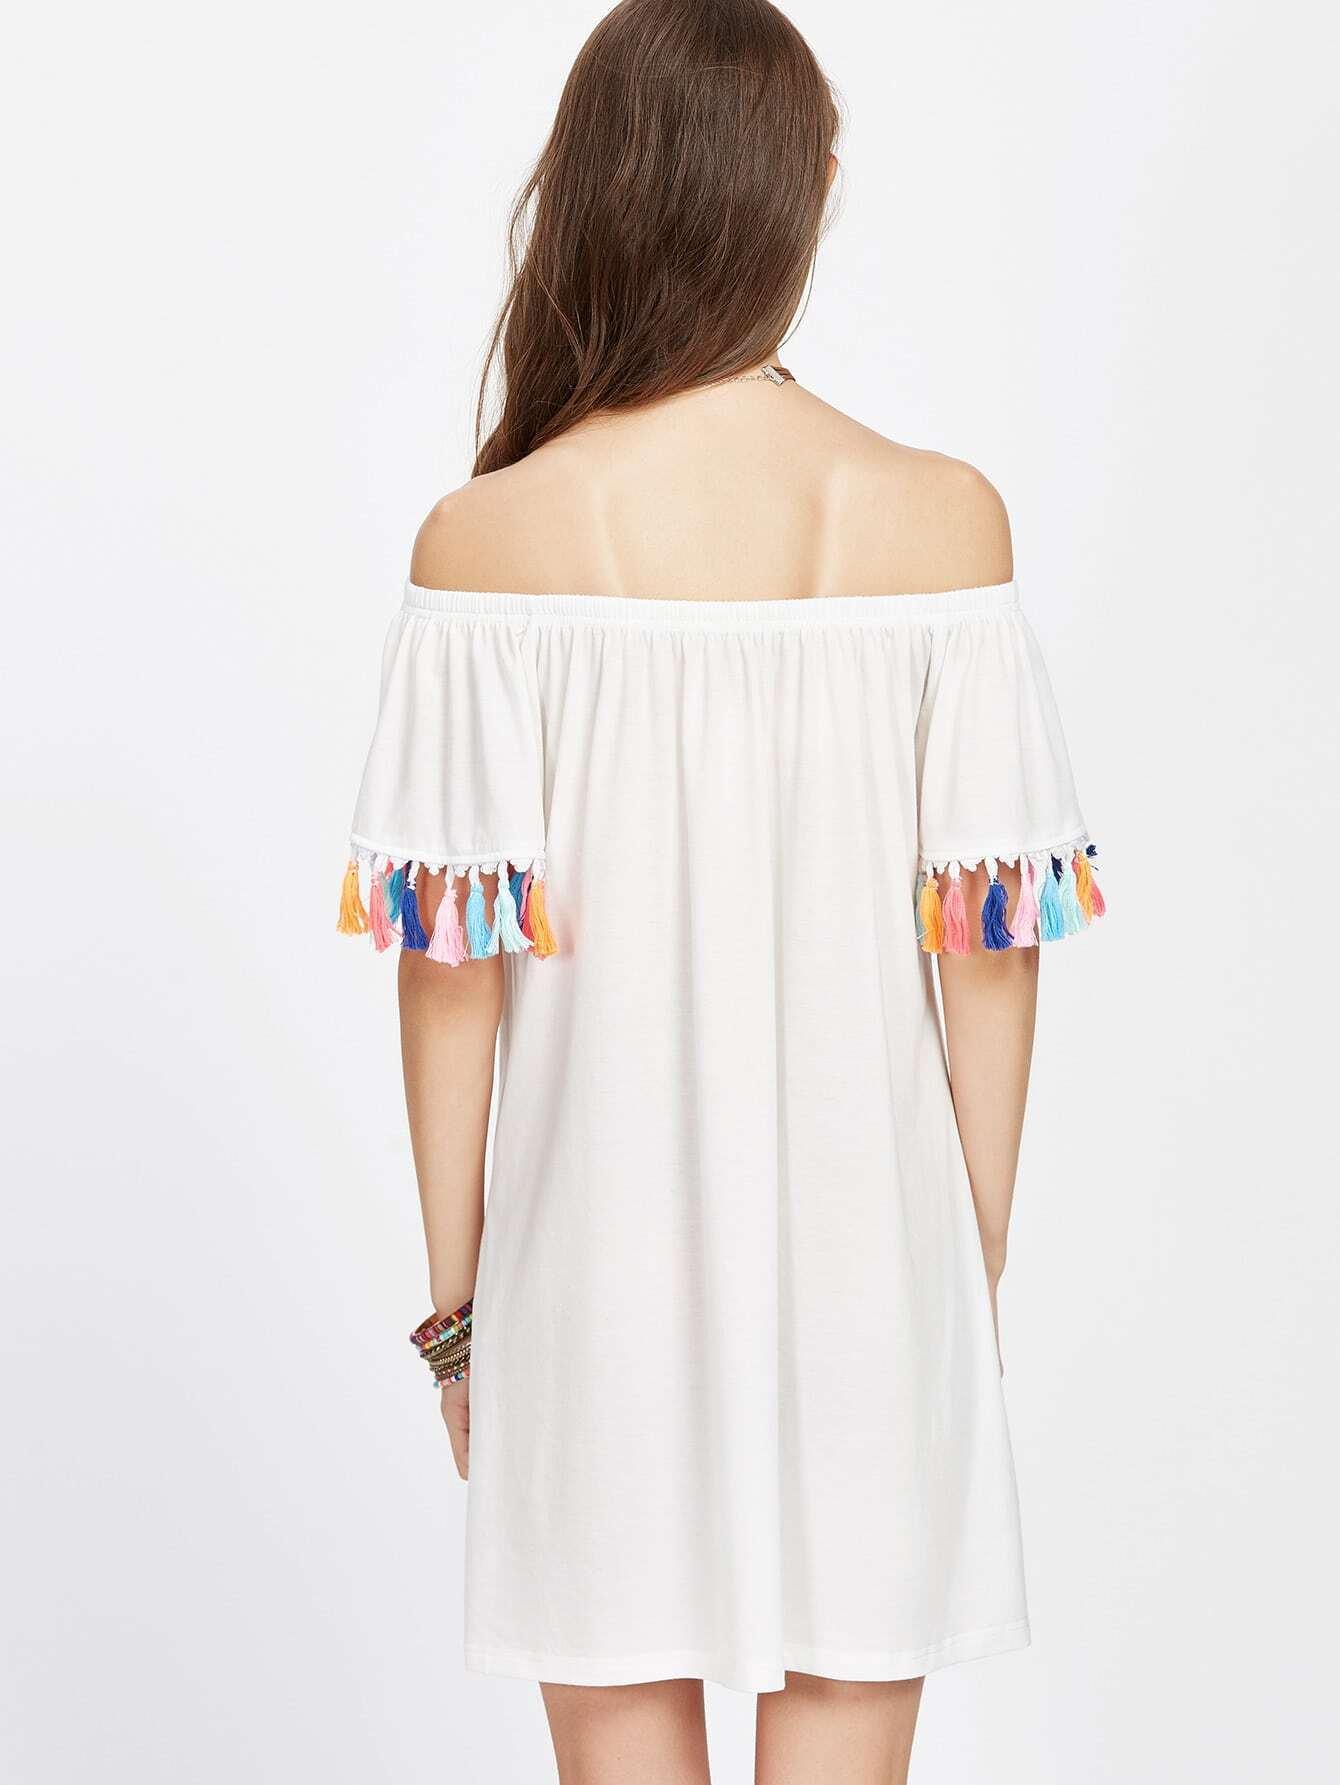 dress170315701_2